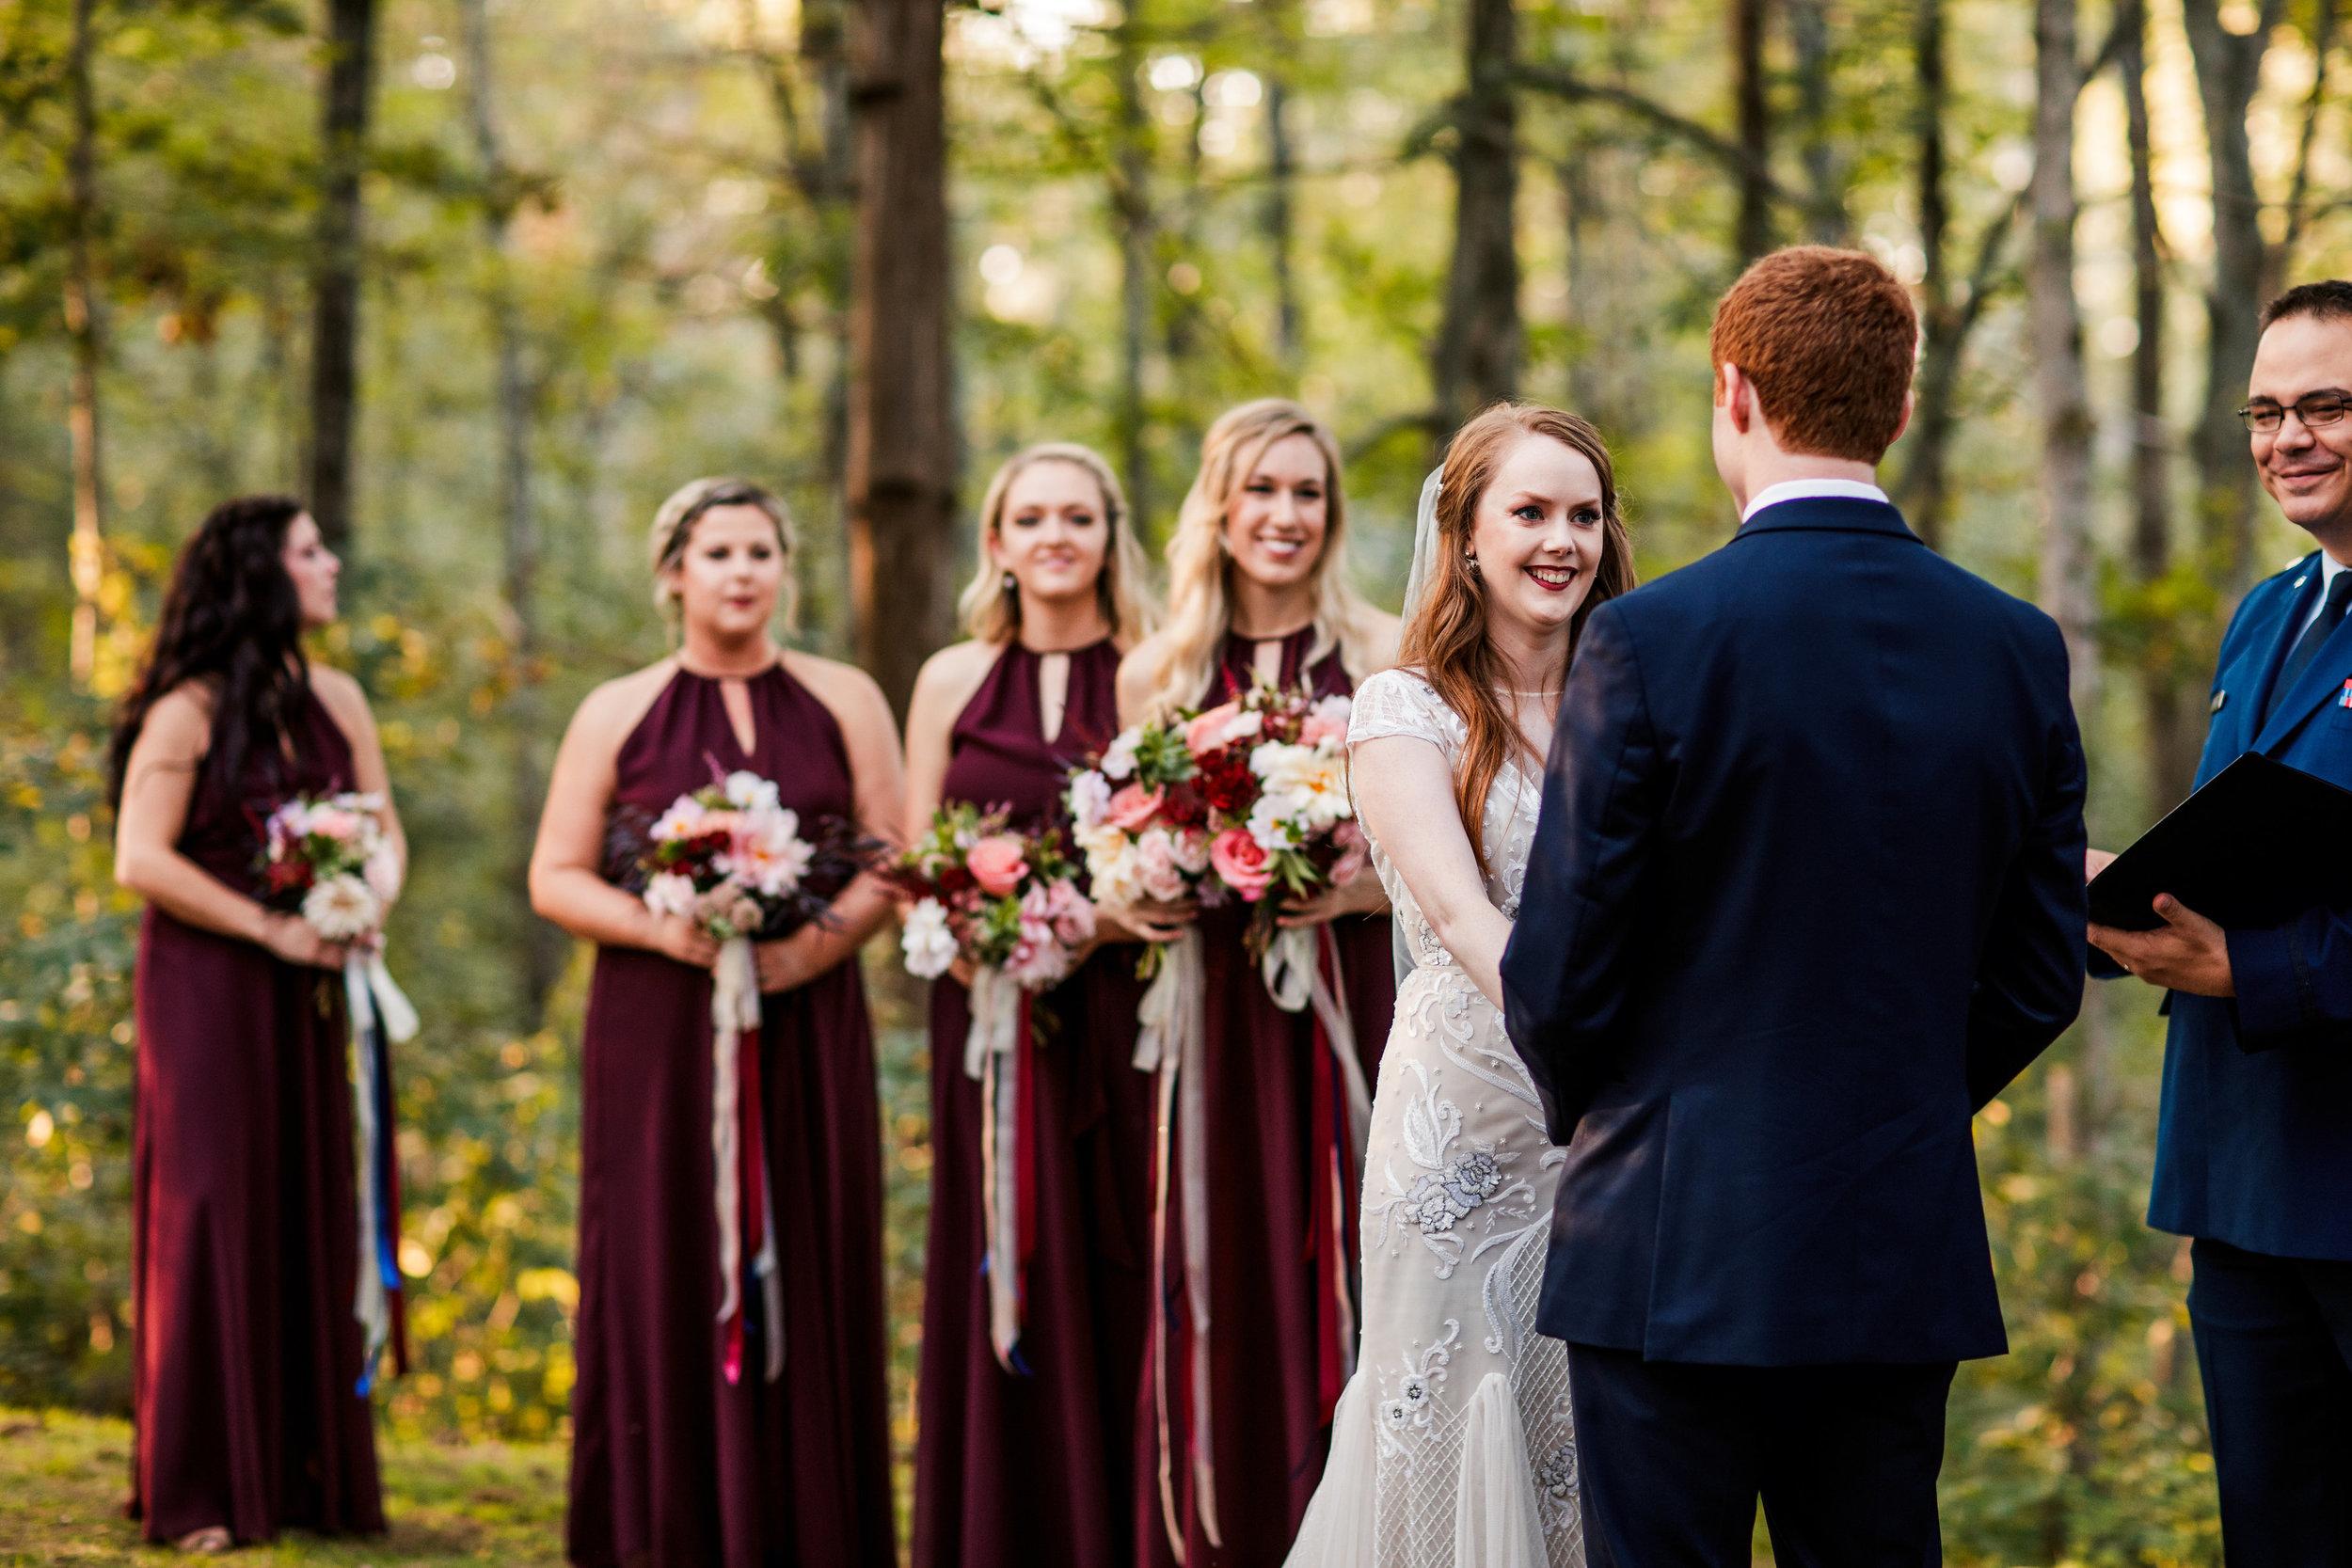 Wrens-Nest-Wedding-Murfreesboro-TN 35.jpg